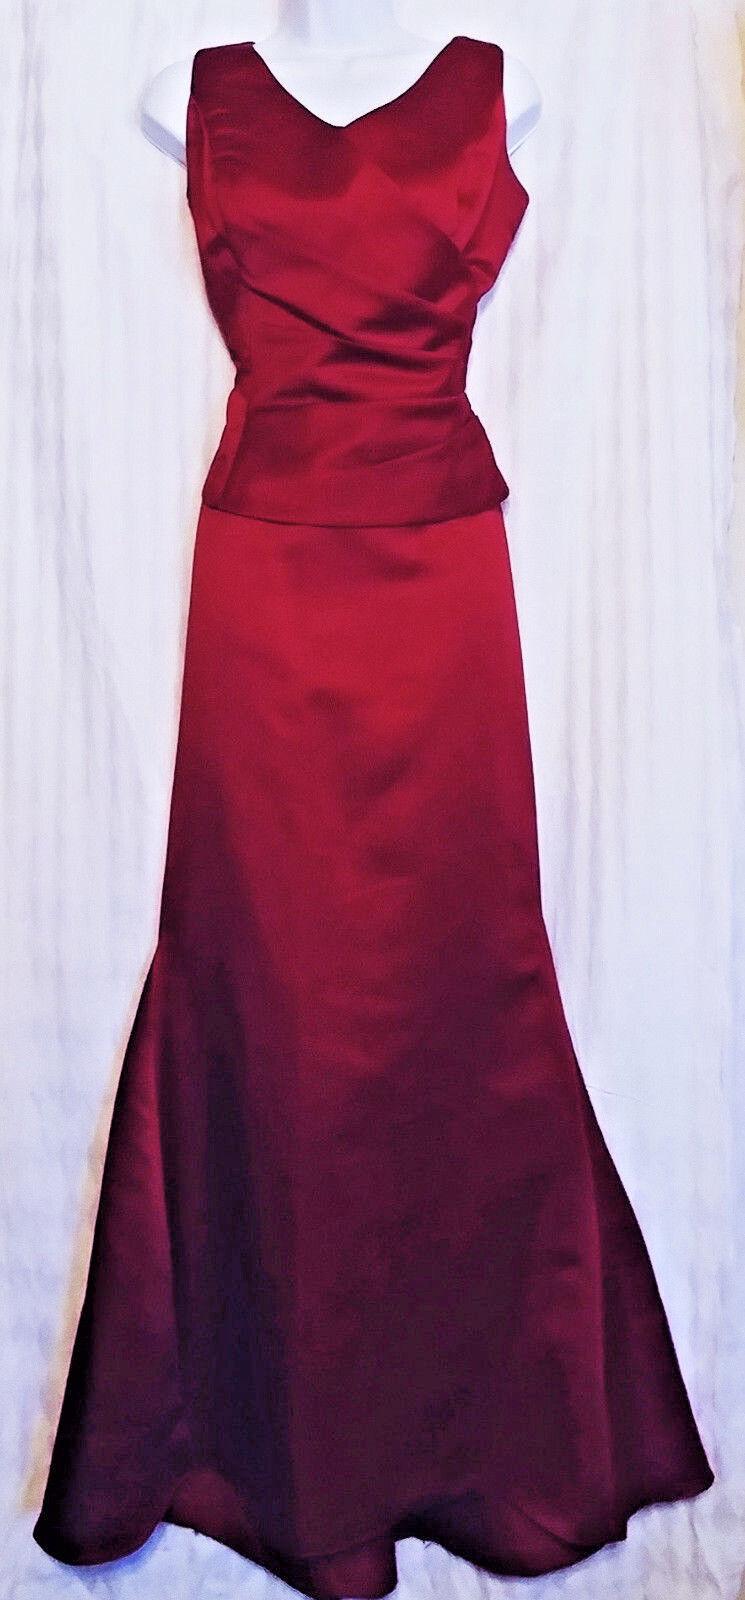 EDEN BRIDALS Woherren Dress rot Burgundy Satin Mermaid 2-Pc Skirt Top PROM Größe 6